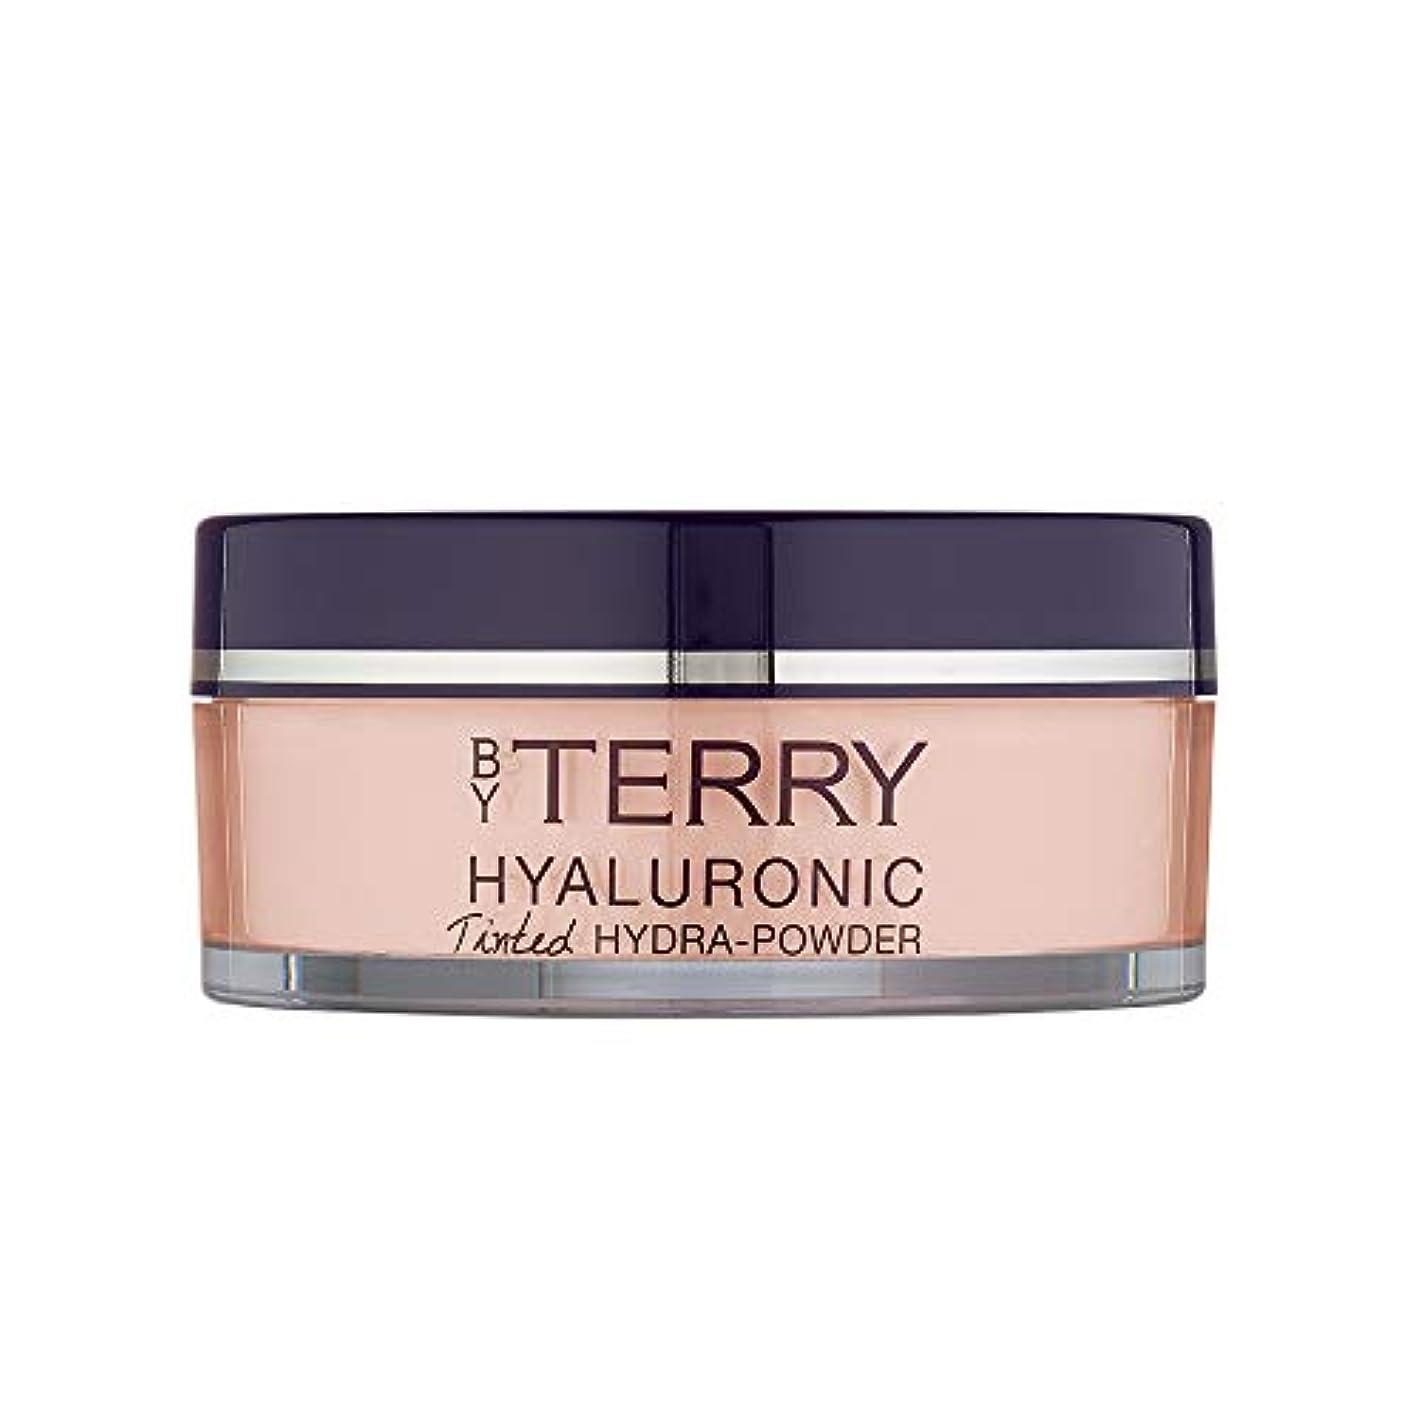 イノセンス移住する添付バイテリー Hyaluronic Tinted Hydra Care Setting Powder - # 200 Natural 10g/0.35oz並行輸入品